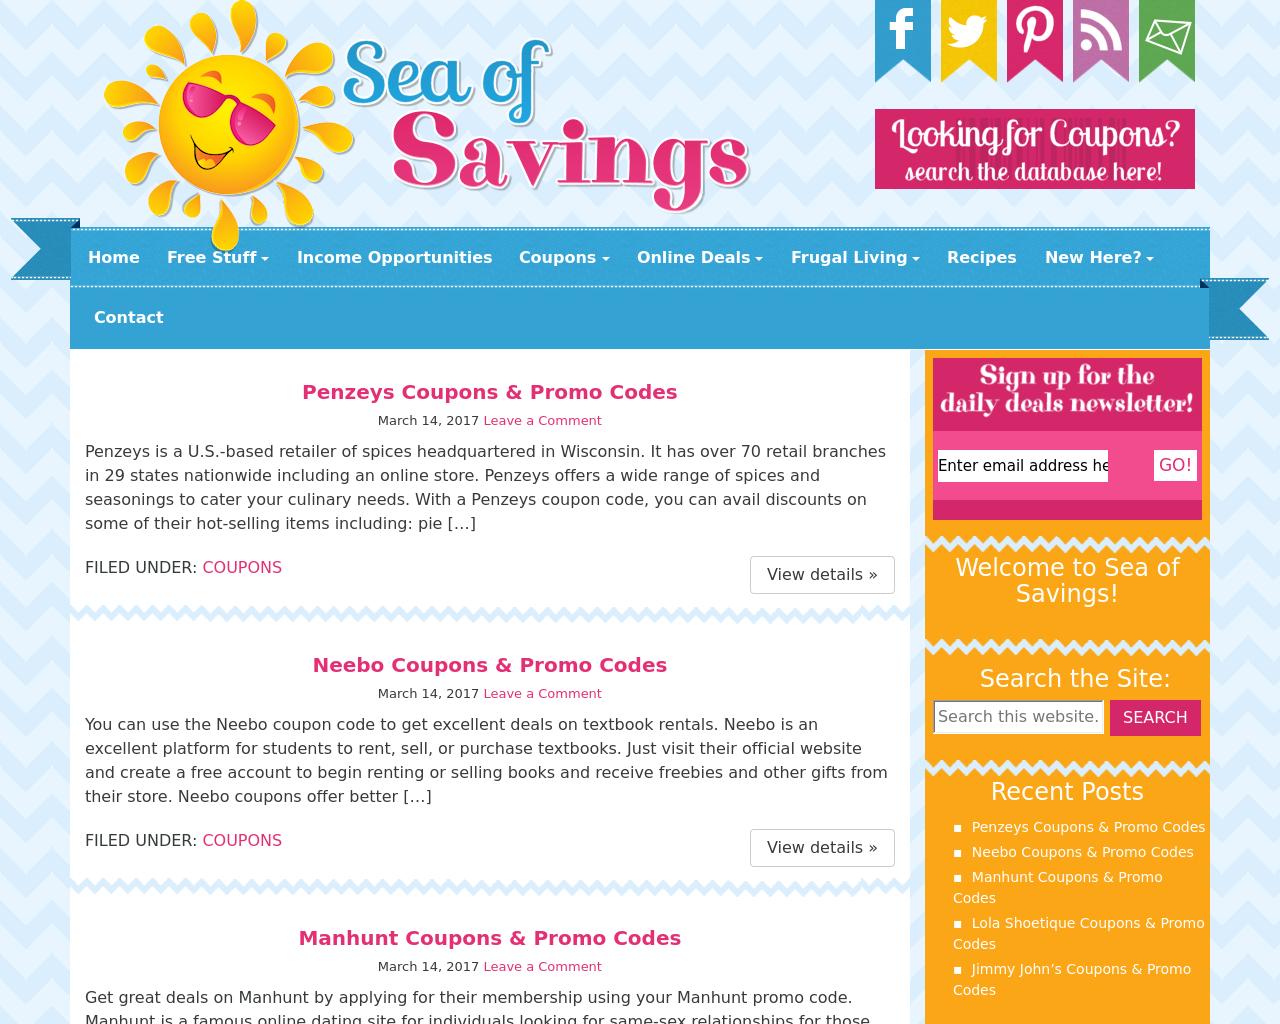 Sea-of-Savings-Advertising-Reviews-Pricing